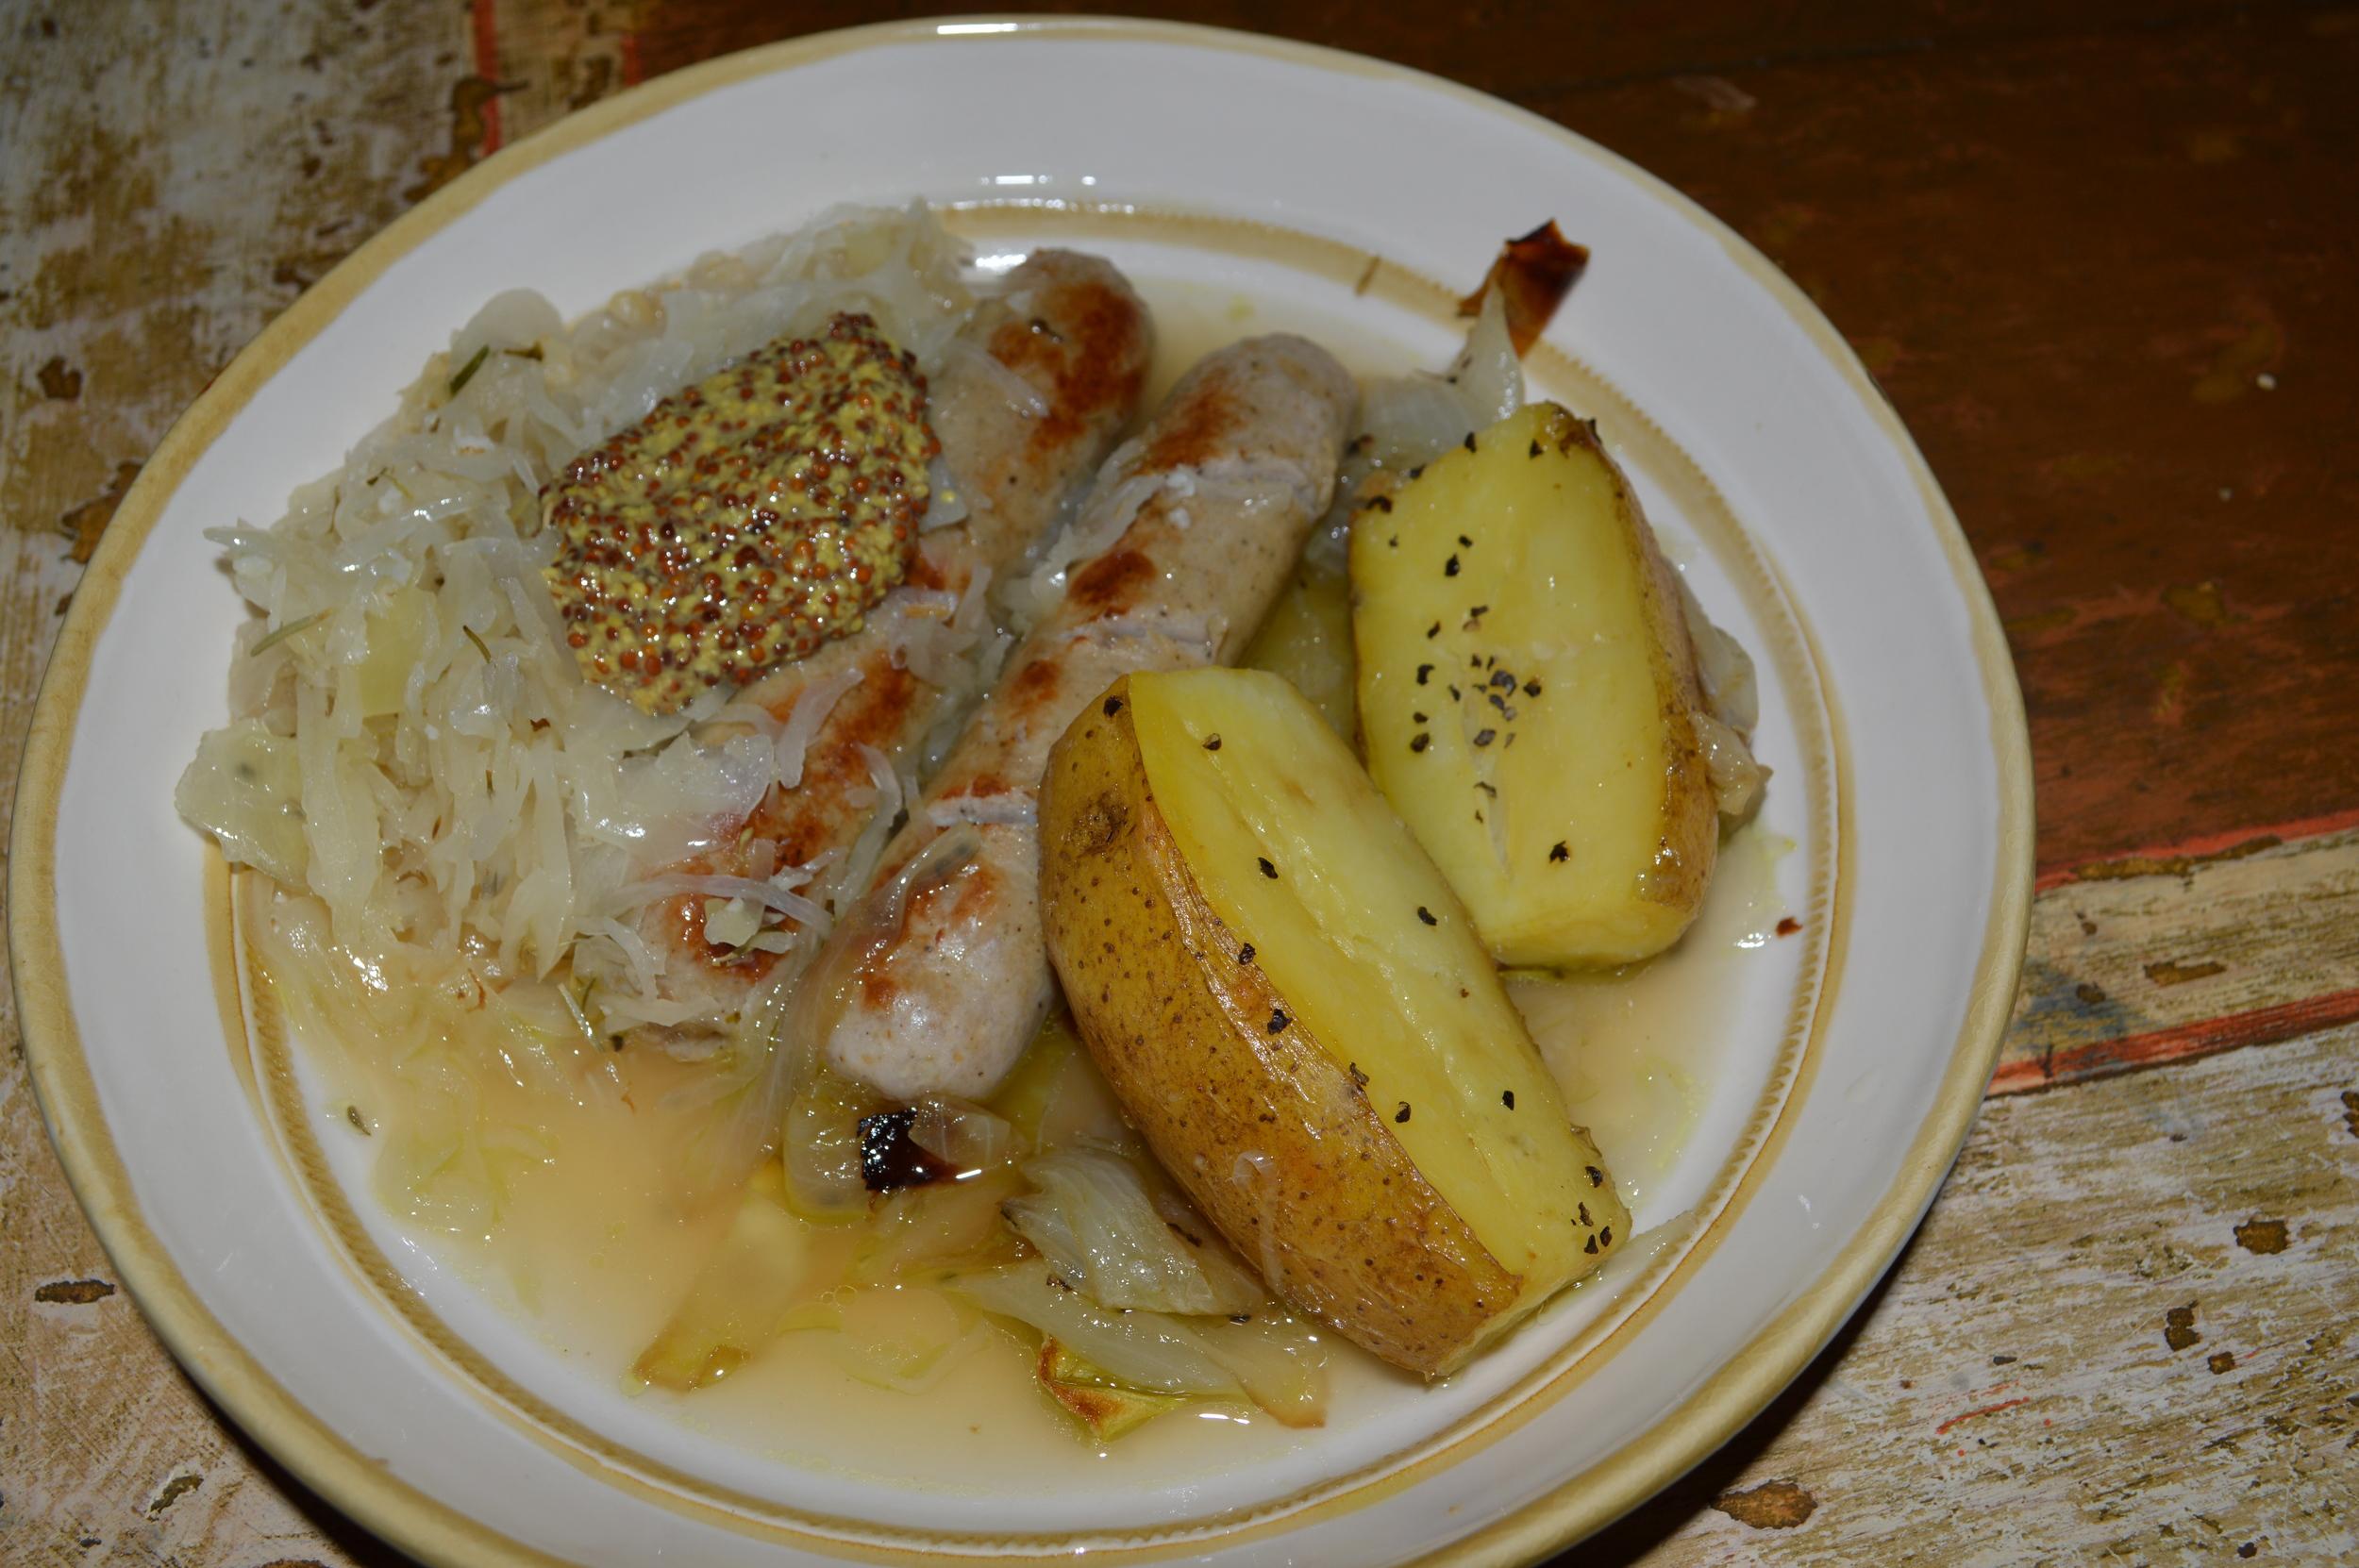 Bratwurst & Sauerkraut